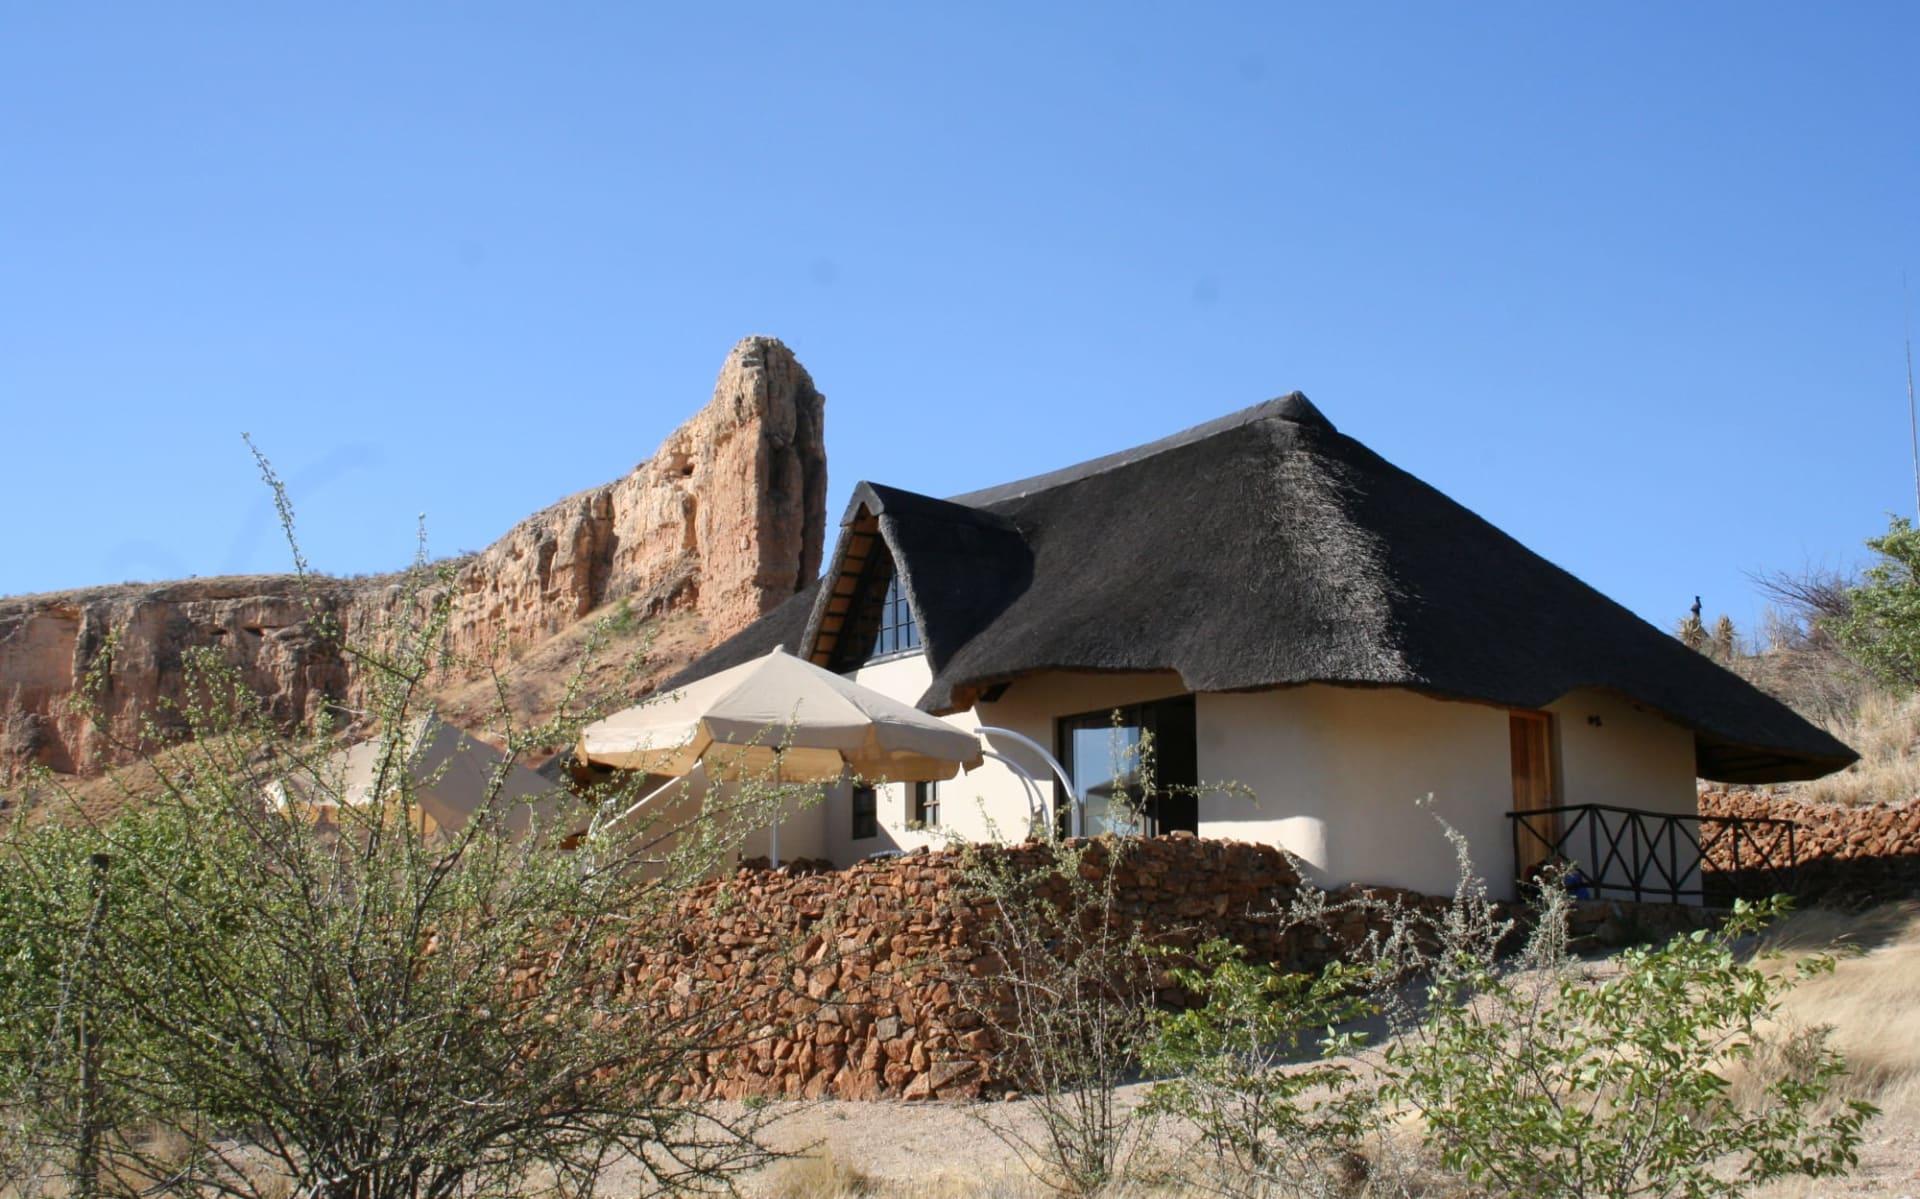 Vingerklip Lodge in Khorixas Region: 09_150_1_Vingerklip Lodge